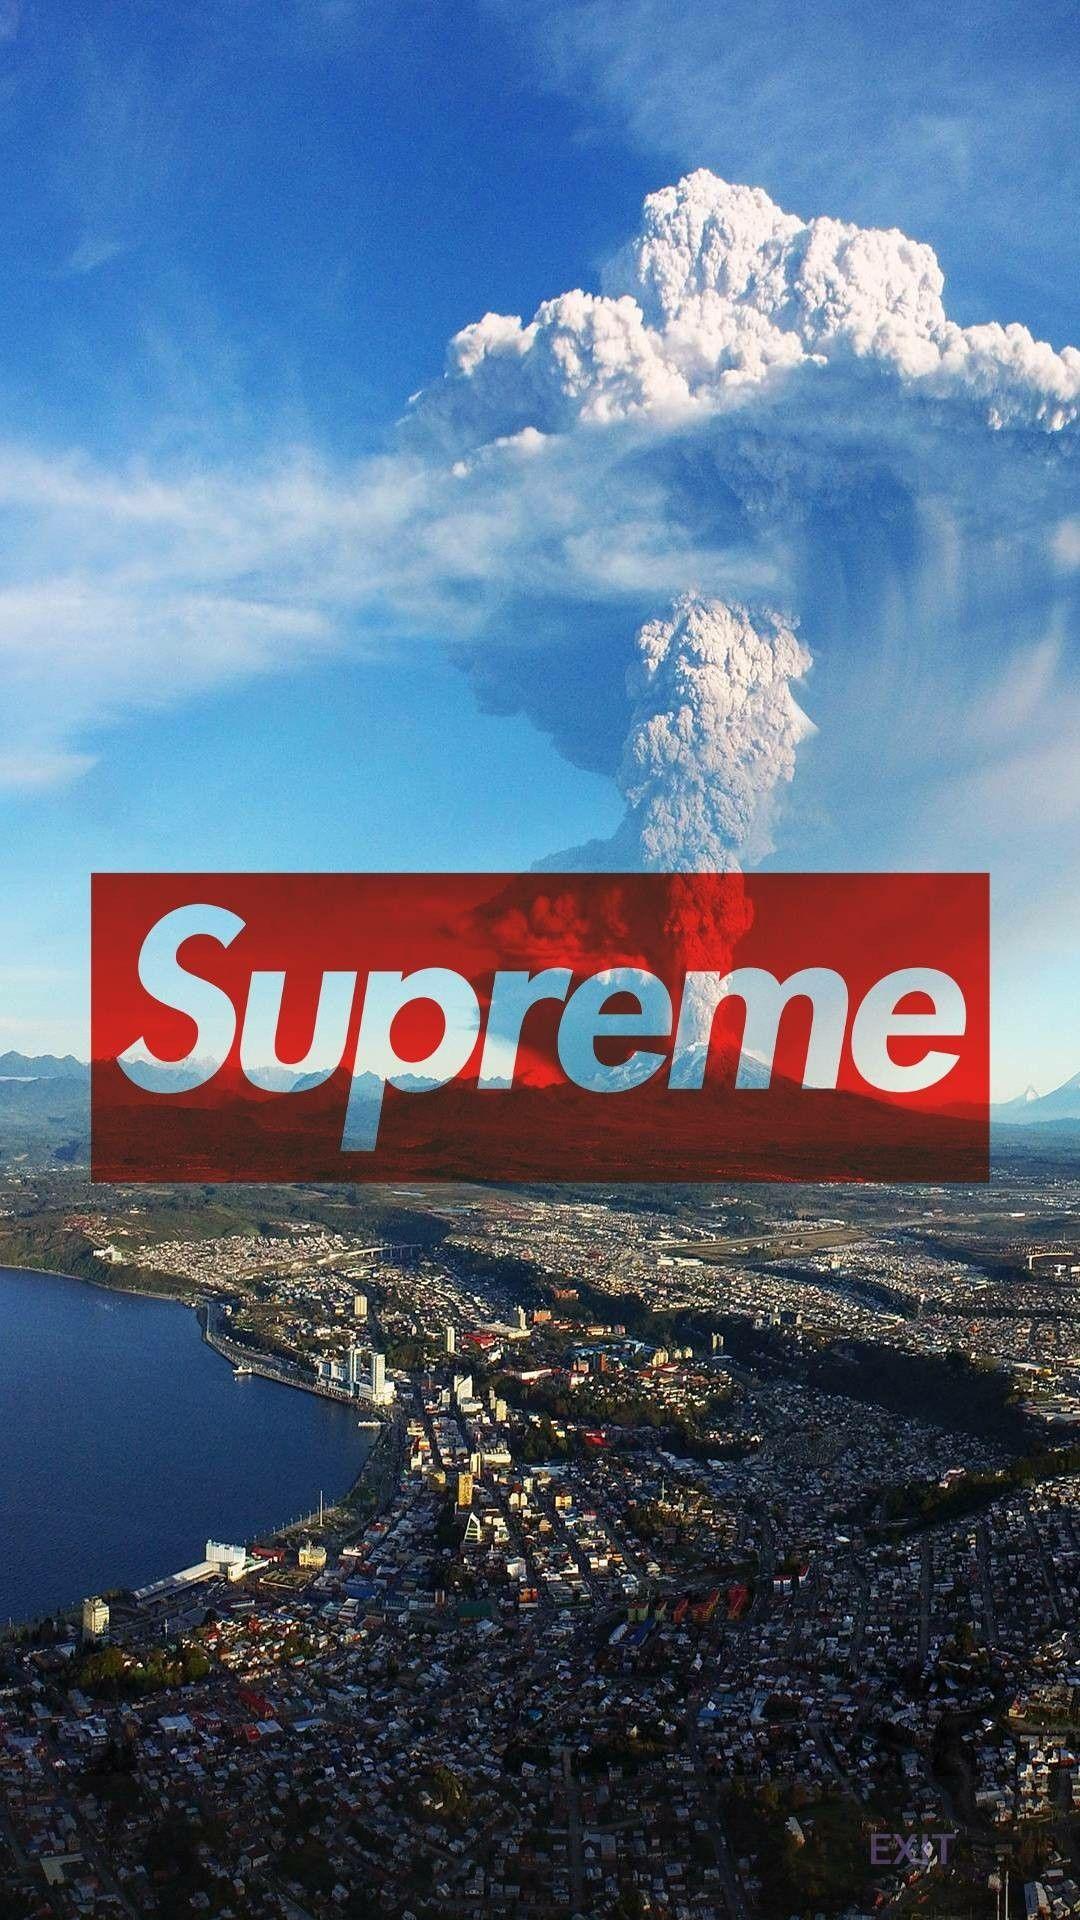 S U P R E M E Supreme Wallpaper Supreme Iphone Wallpaper Supreme Wallpaper Iphone 6